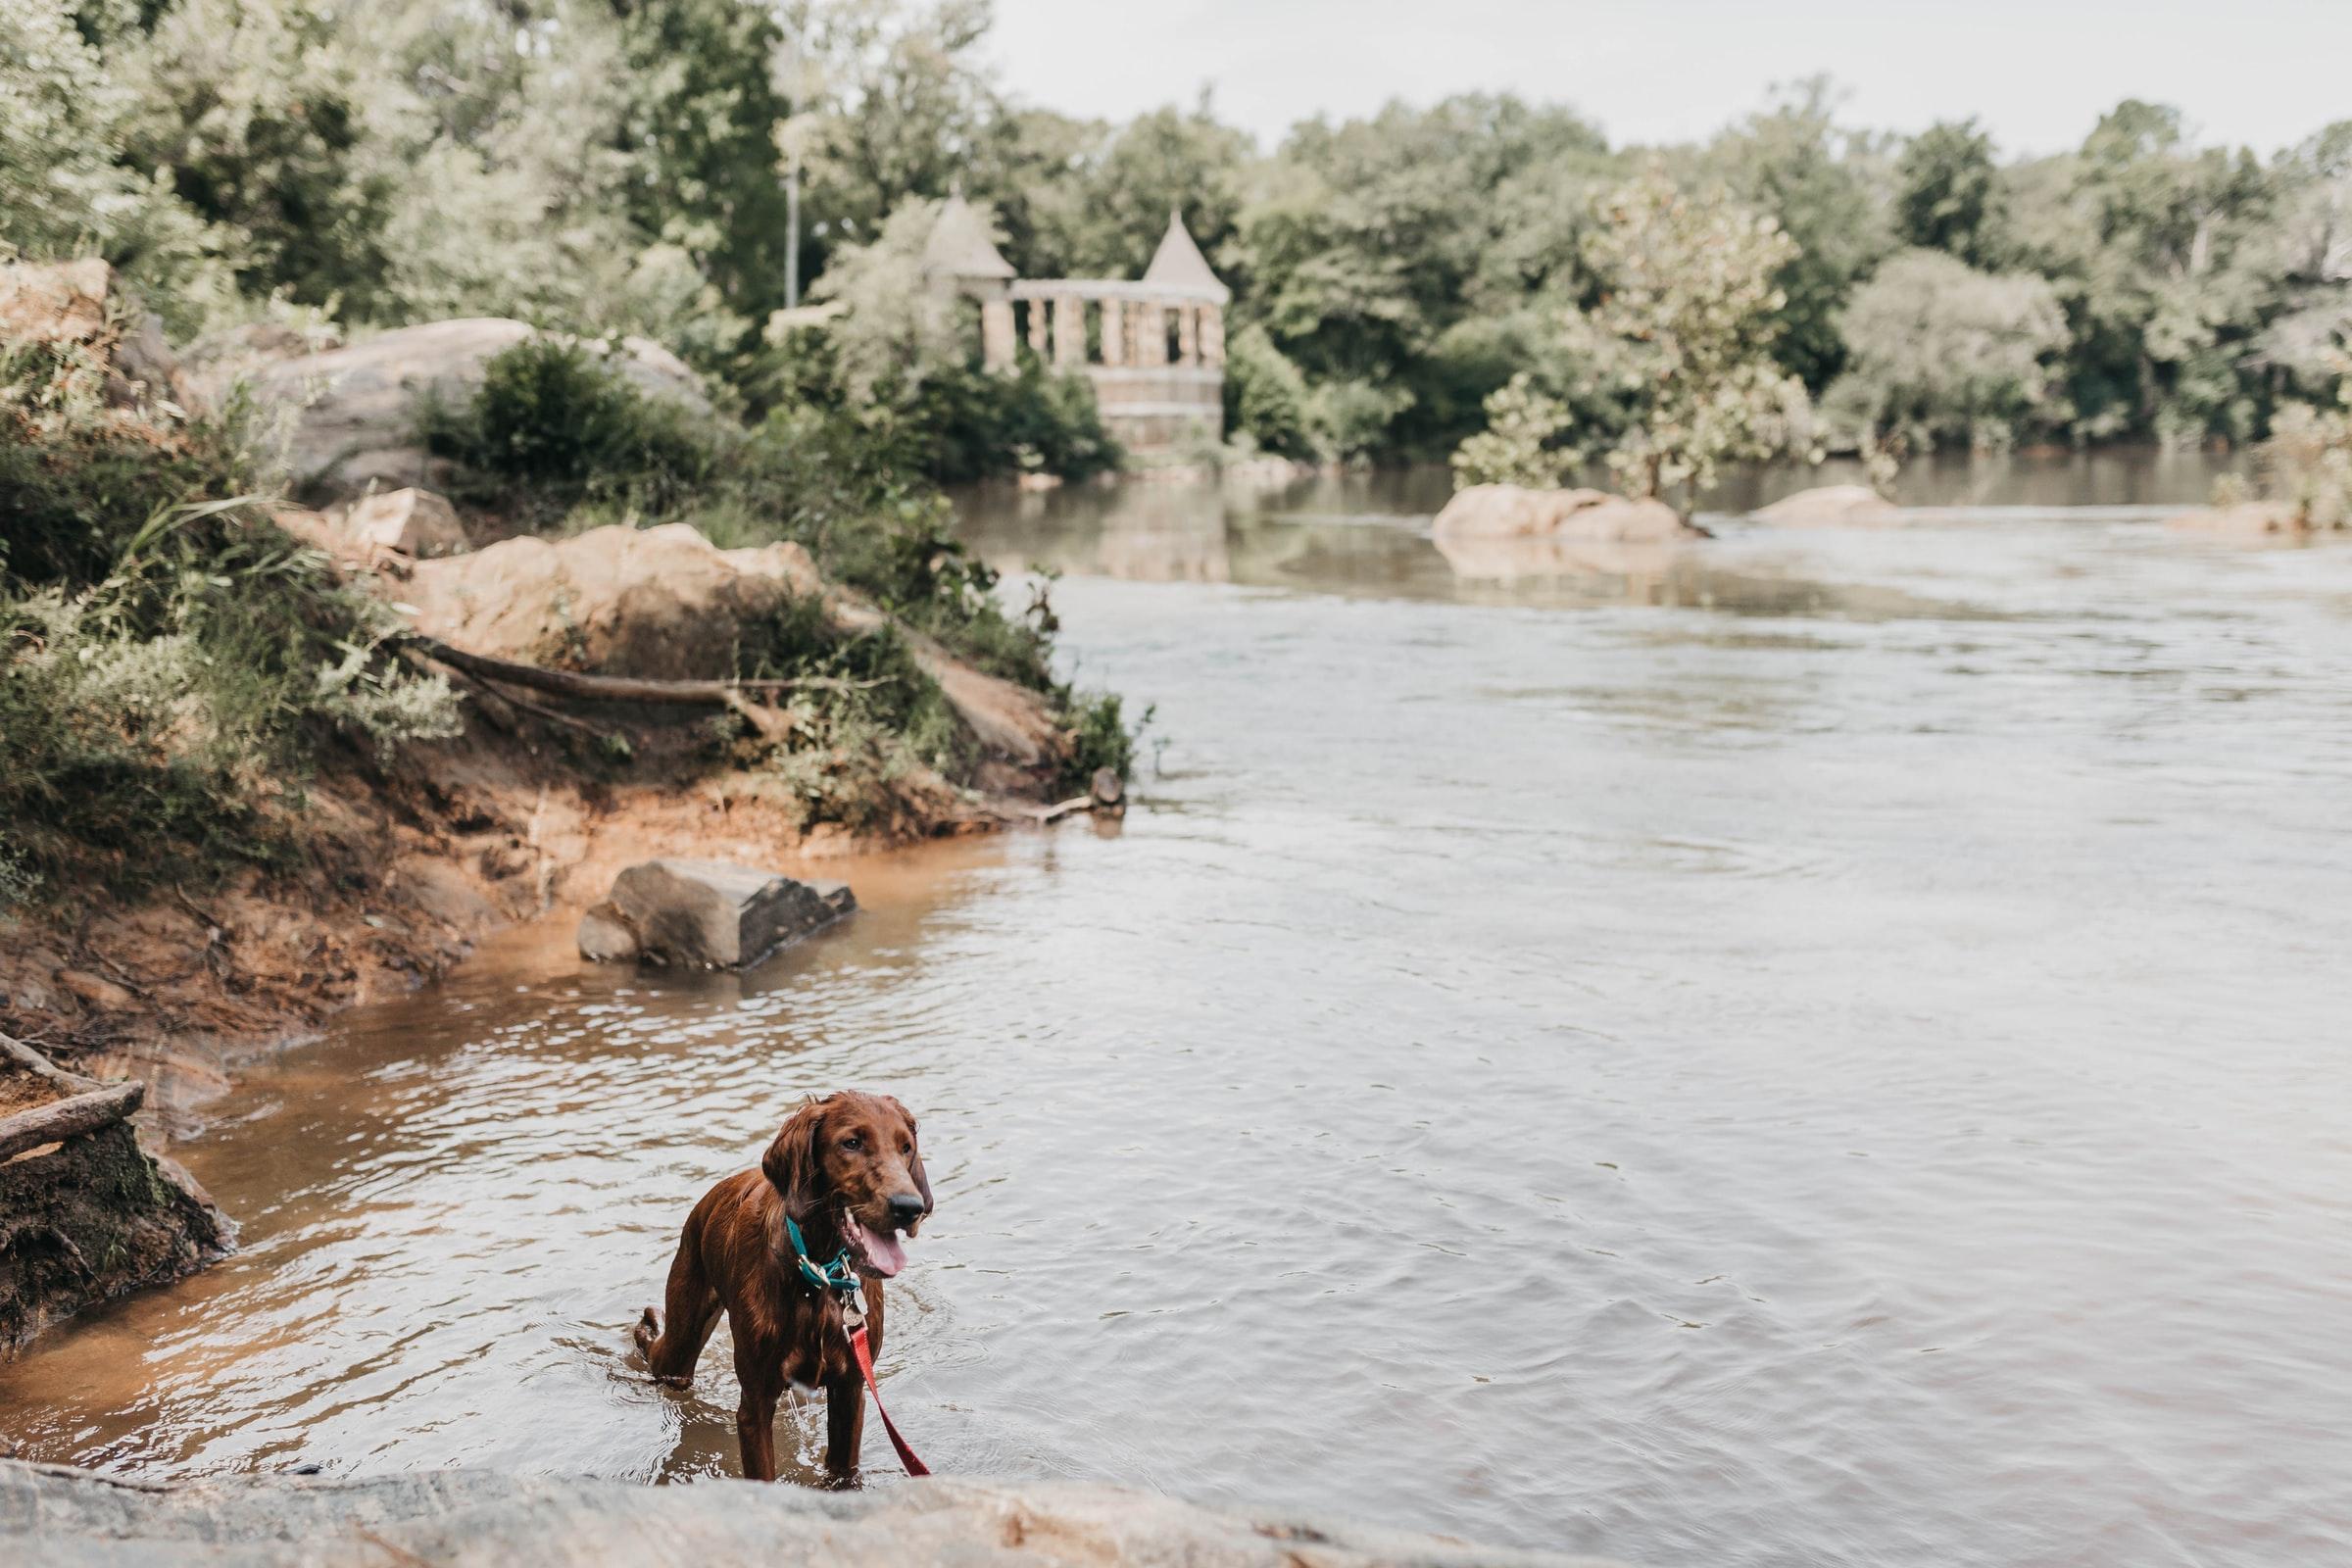 Reisen mit Hund - Hund im Wasser